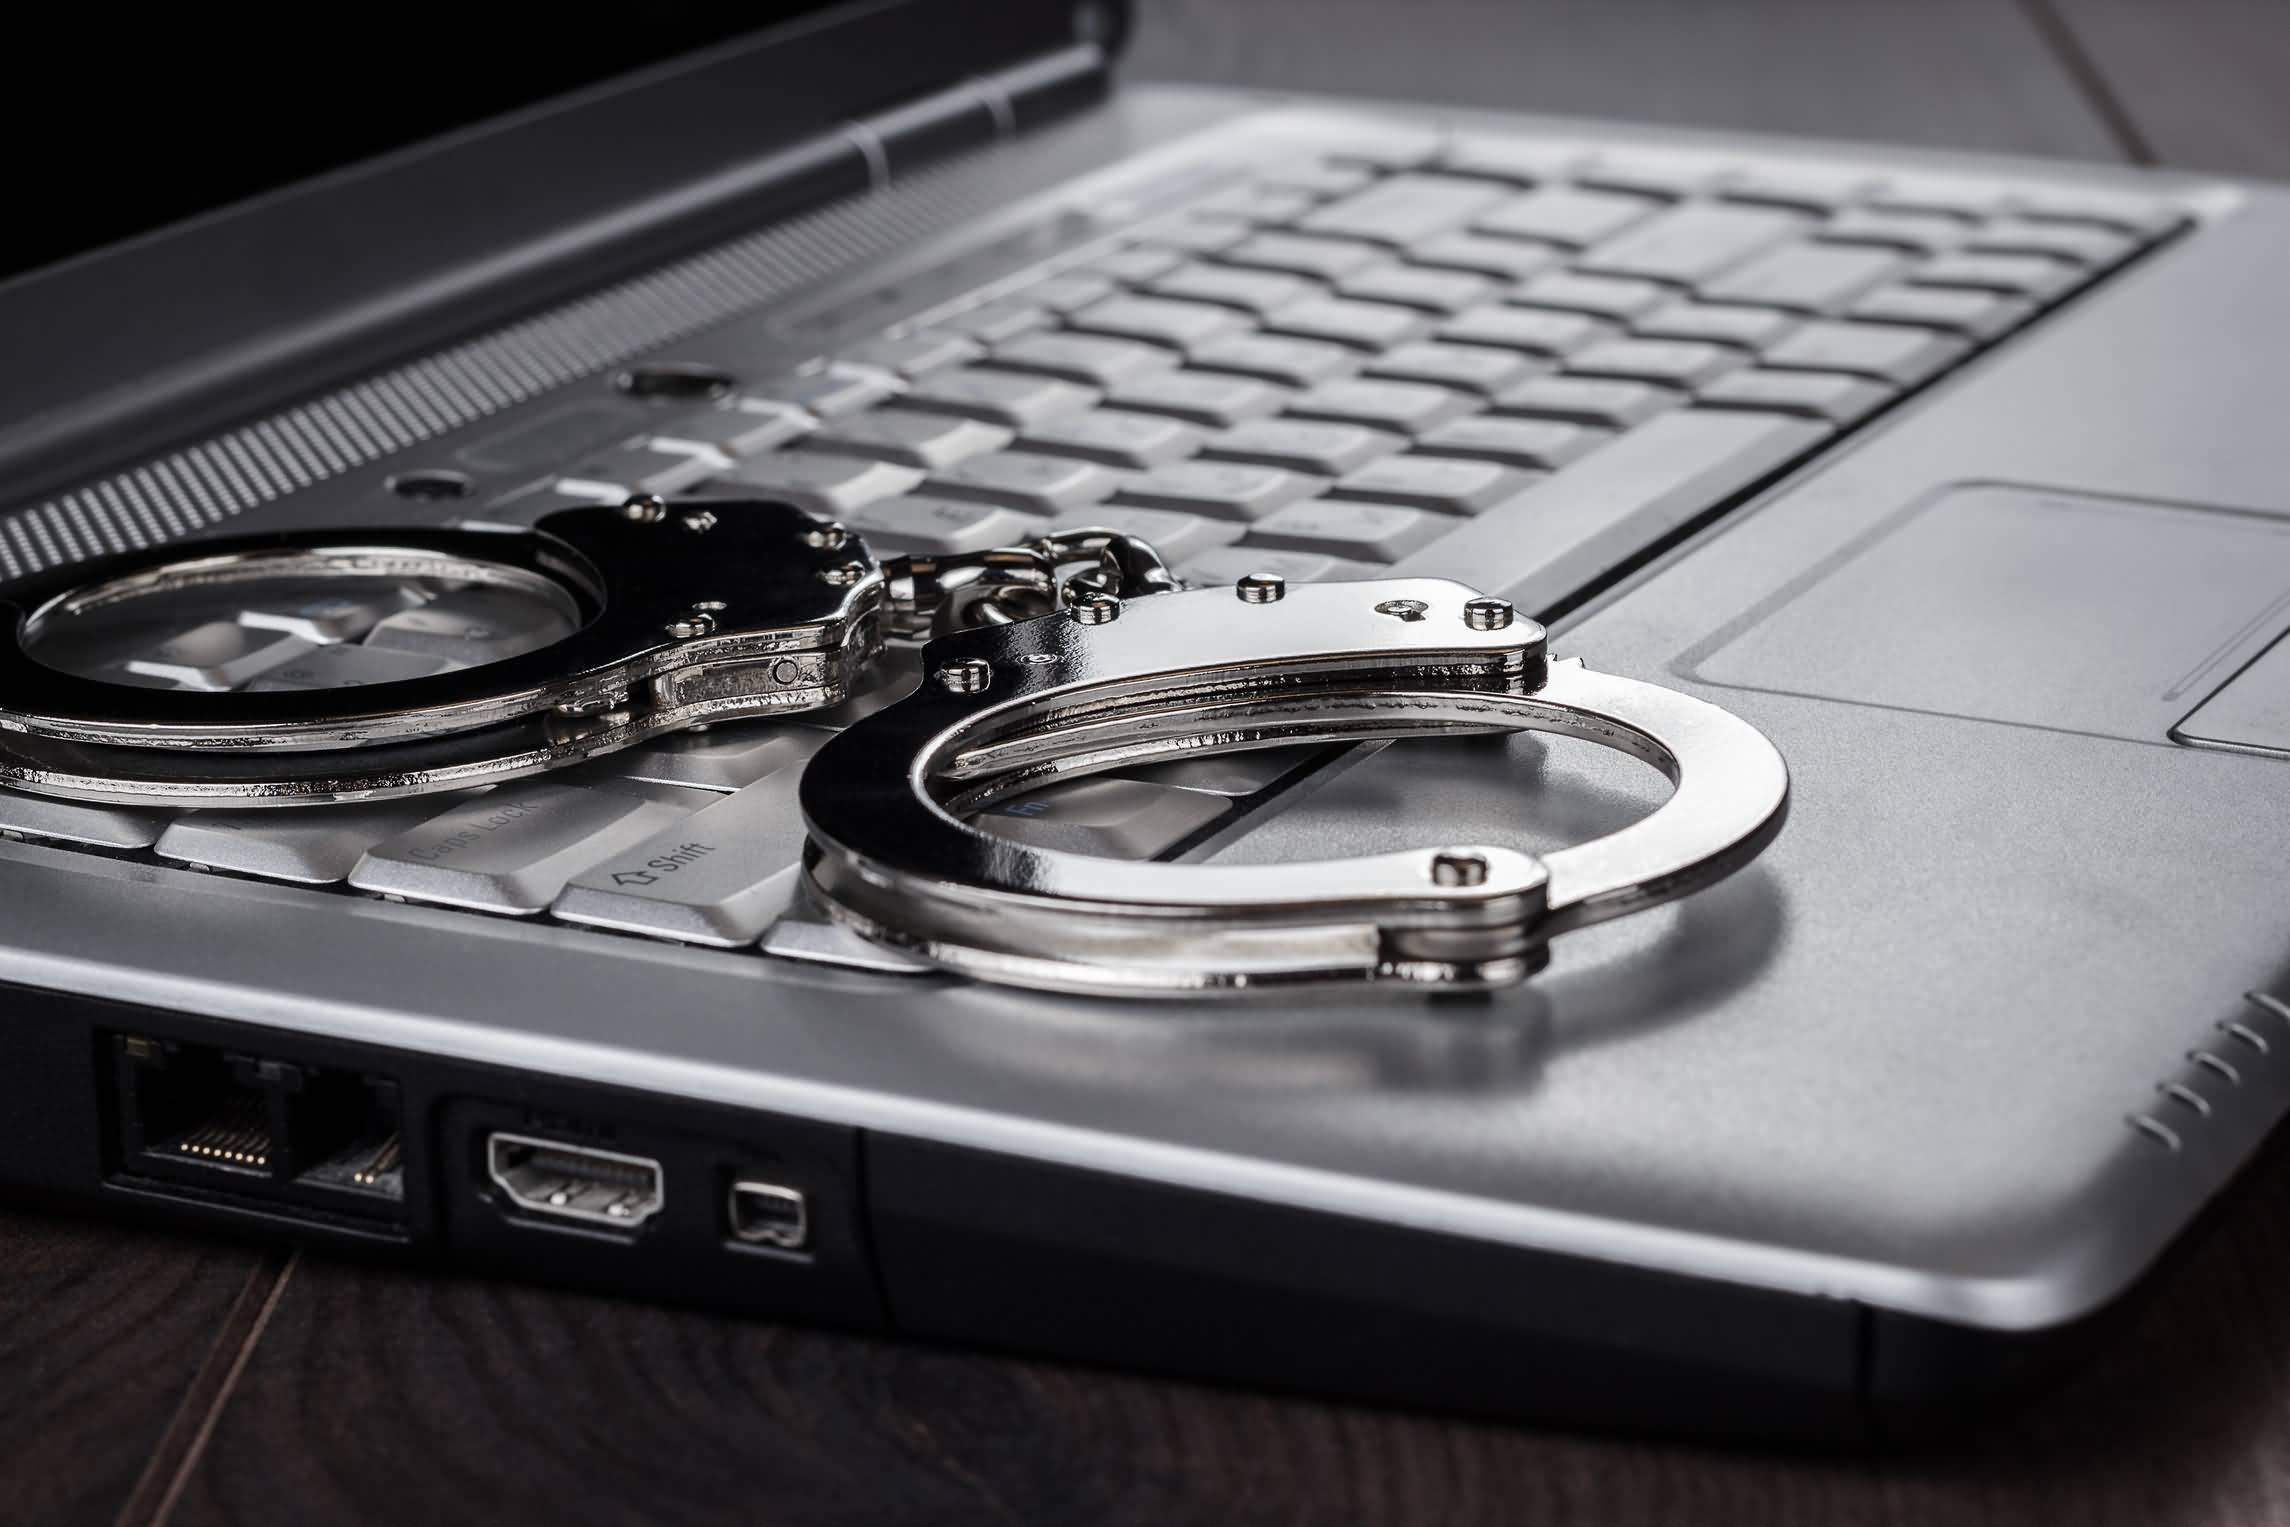 Photo of ماهي عقوبة استخدام عناوين مضللة عبر الإنترنت في الإمارات ؟